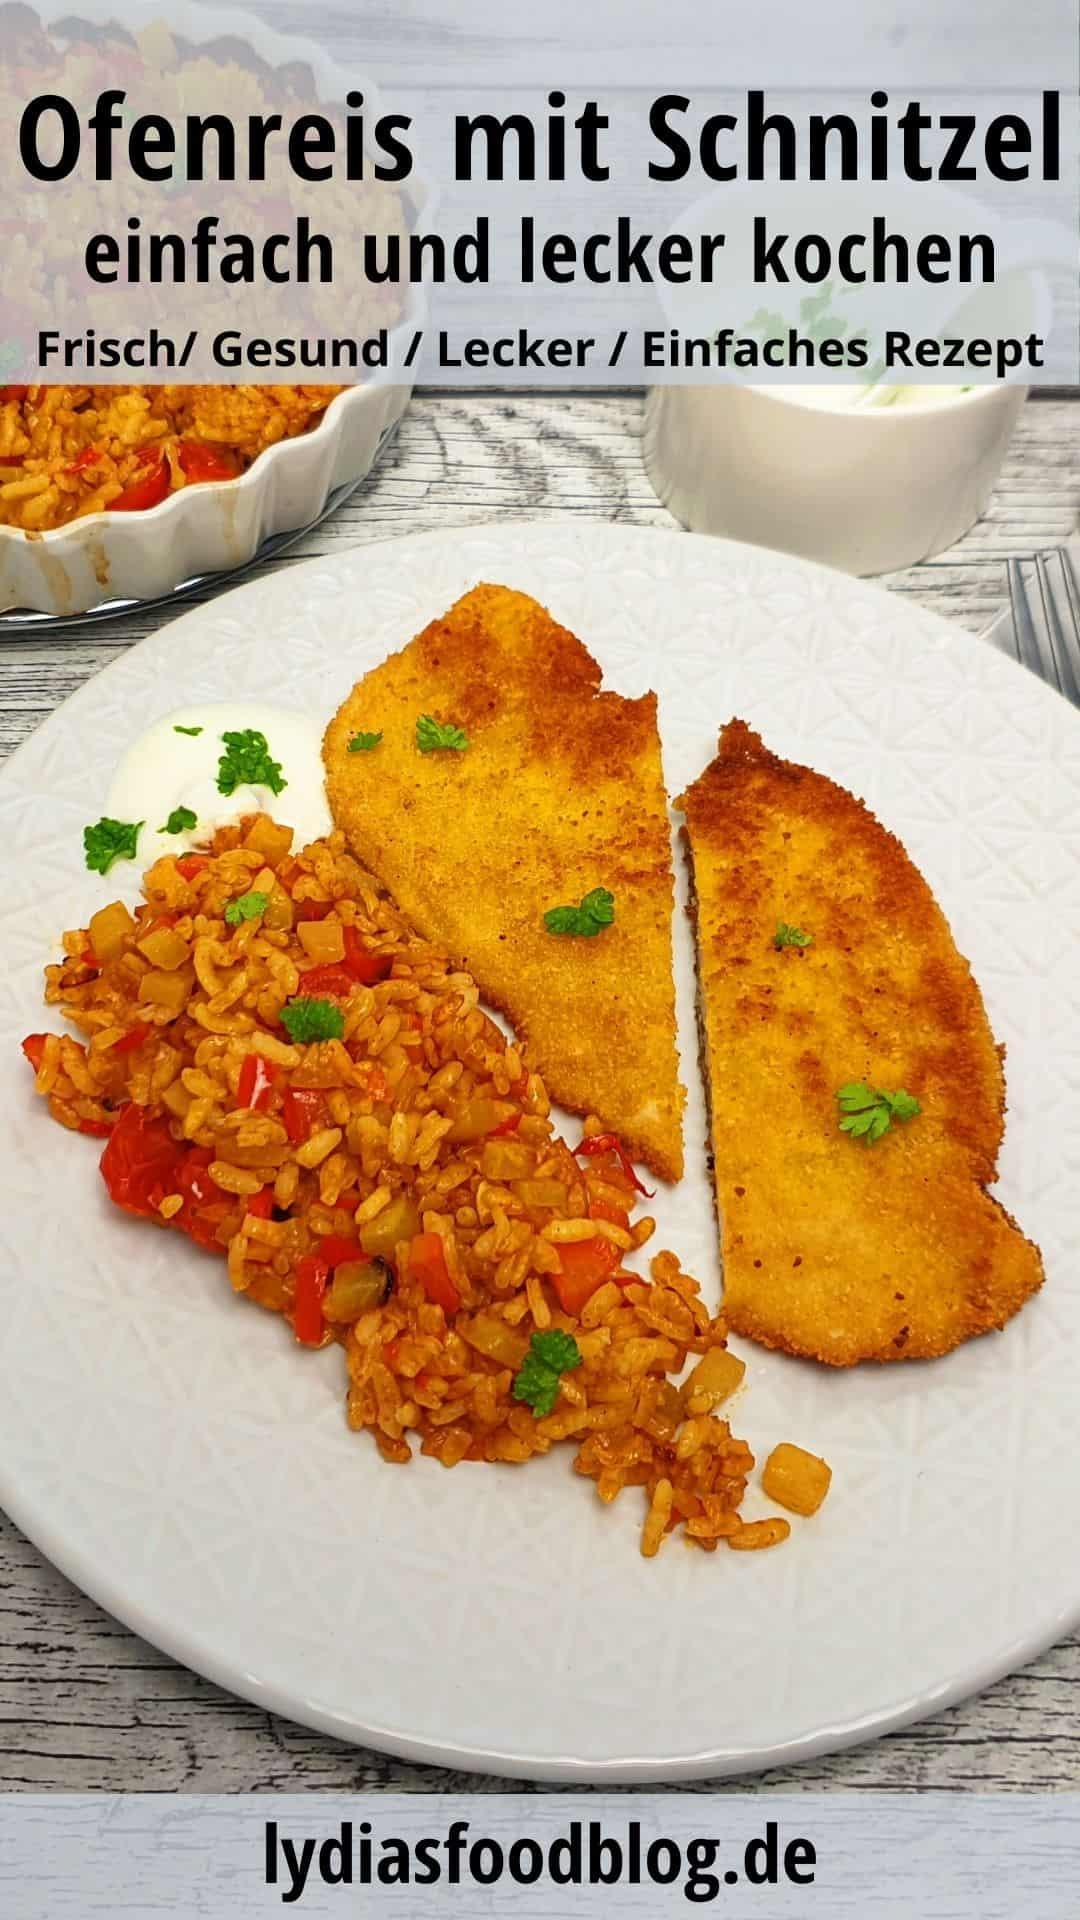 Gemüsereis aus dem Ofen mit Schnitzel auf einem weißen Teller angerichtet und mit Petersilie garniert. Im Hintergrund Deko.